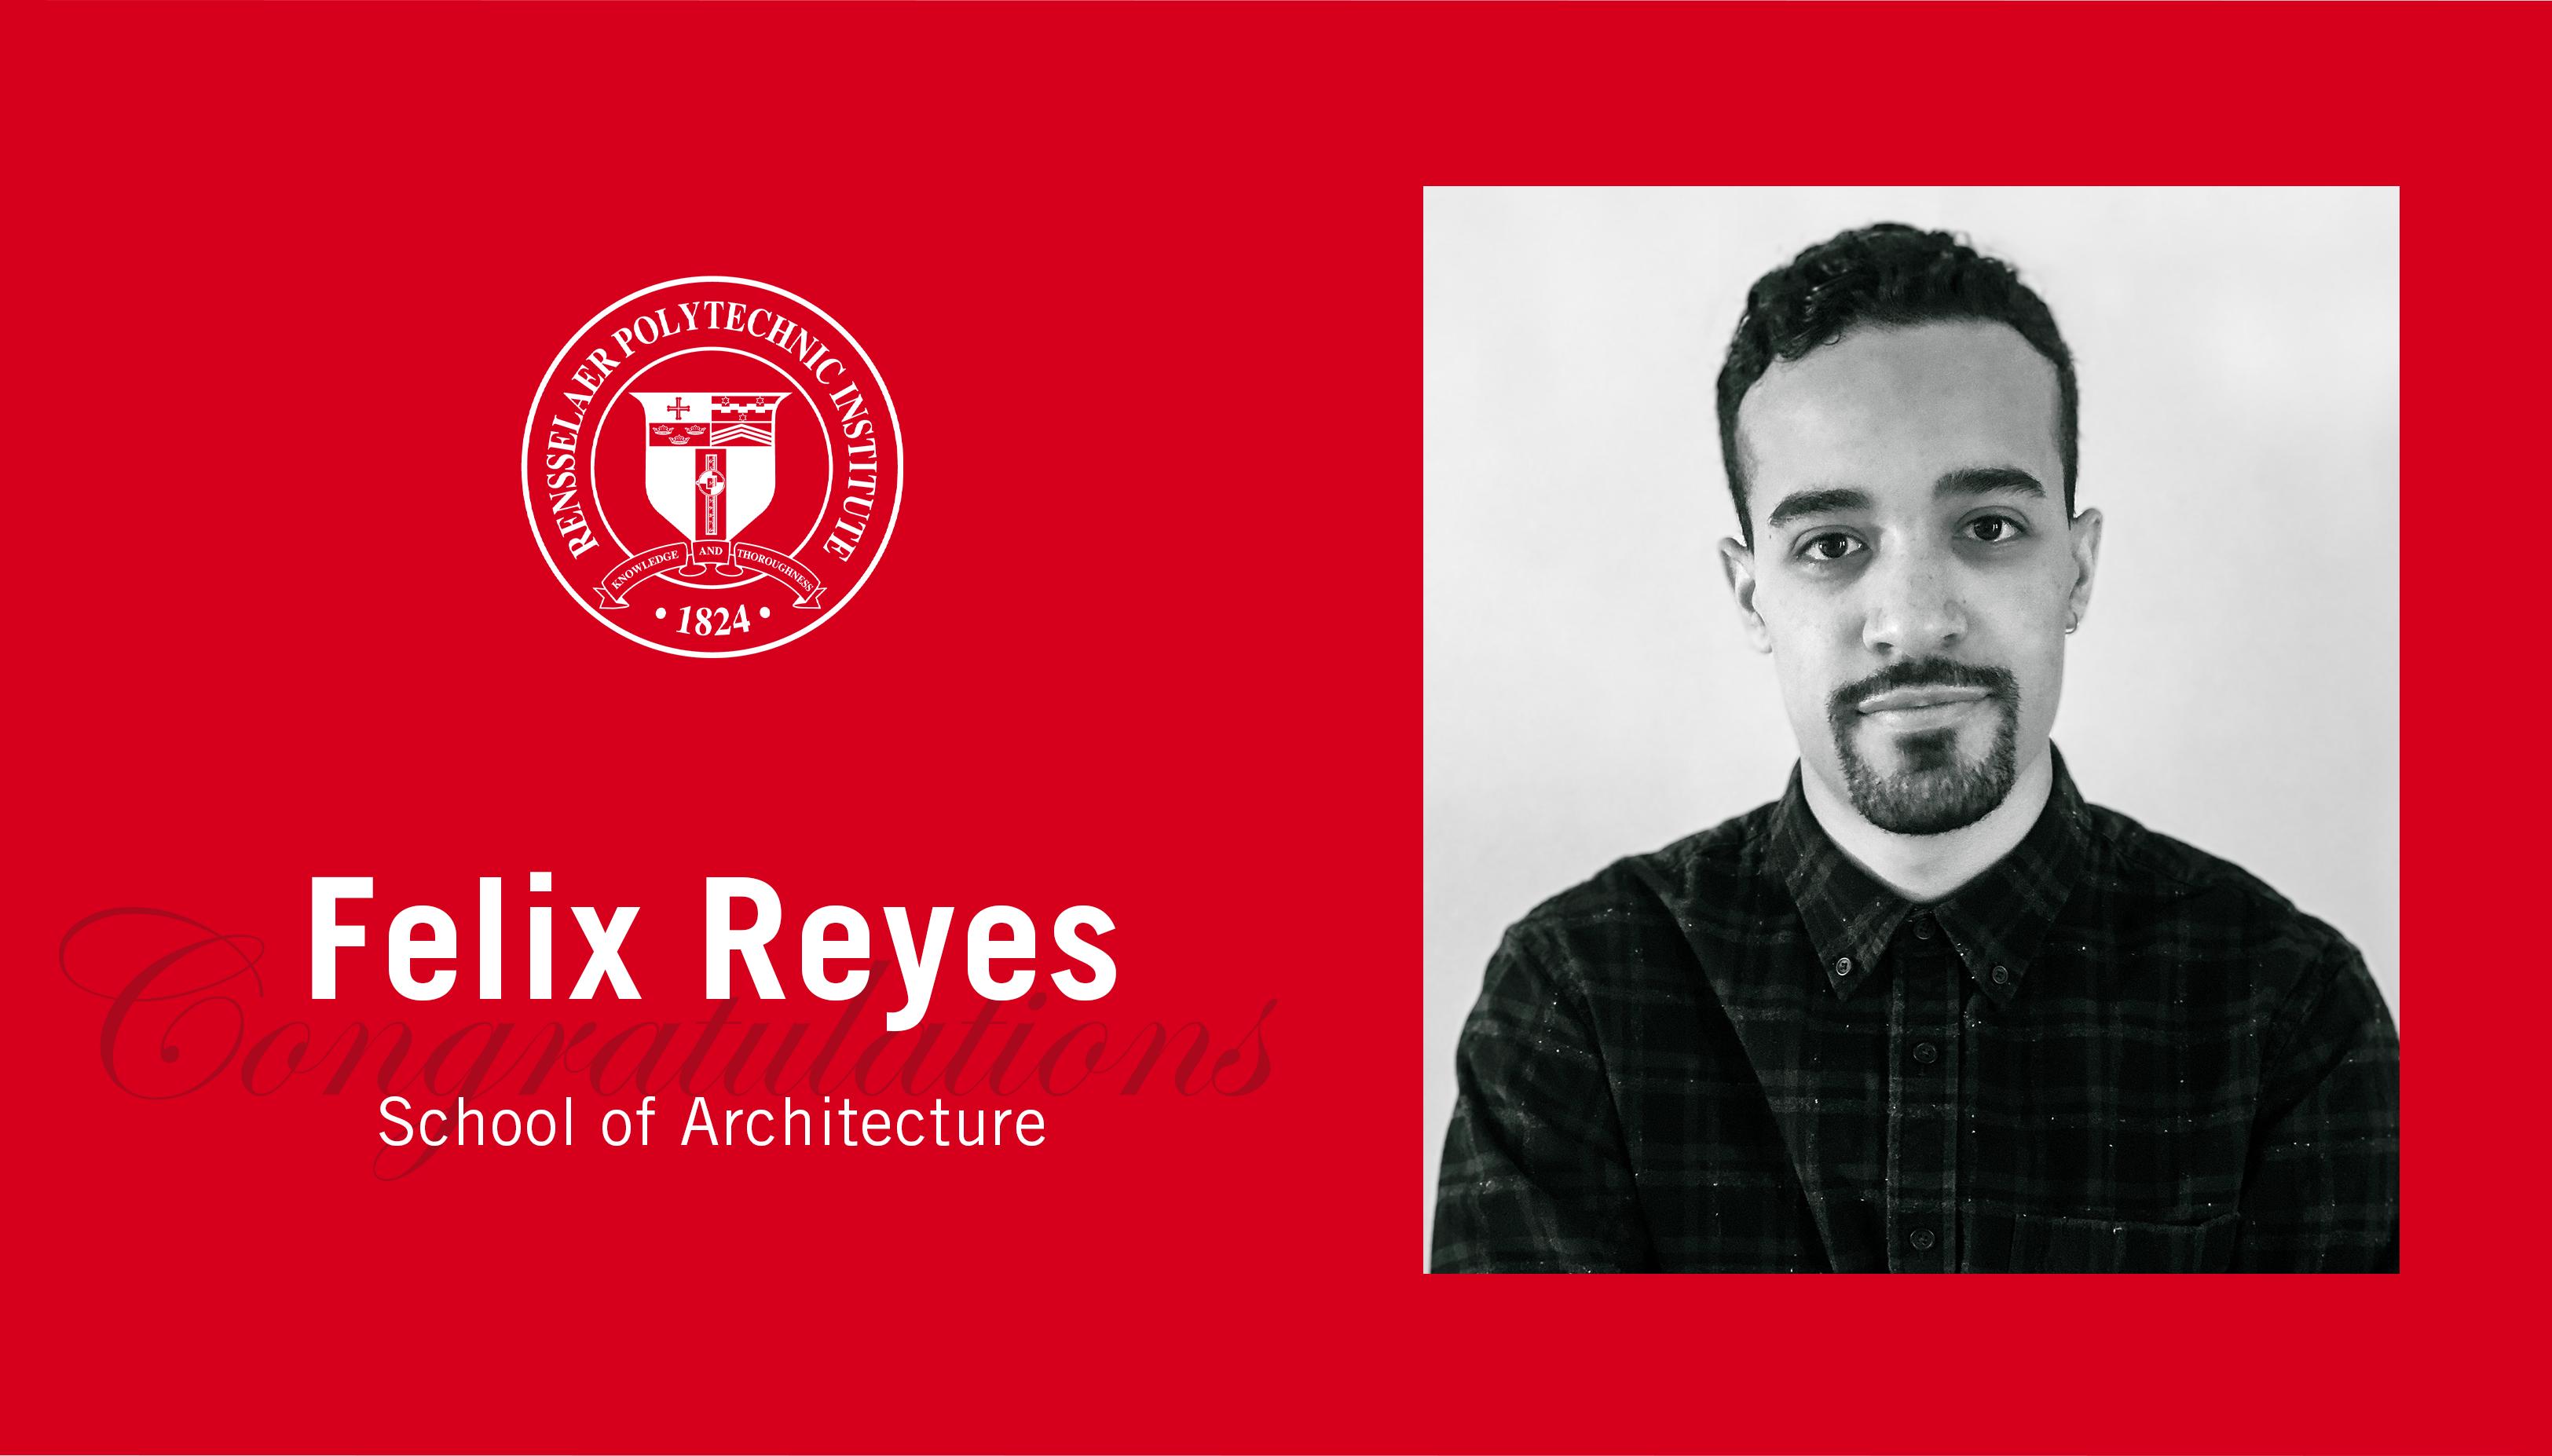 Felix Reyes